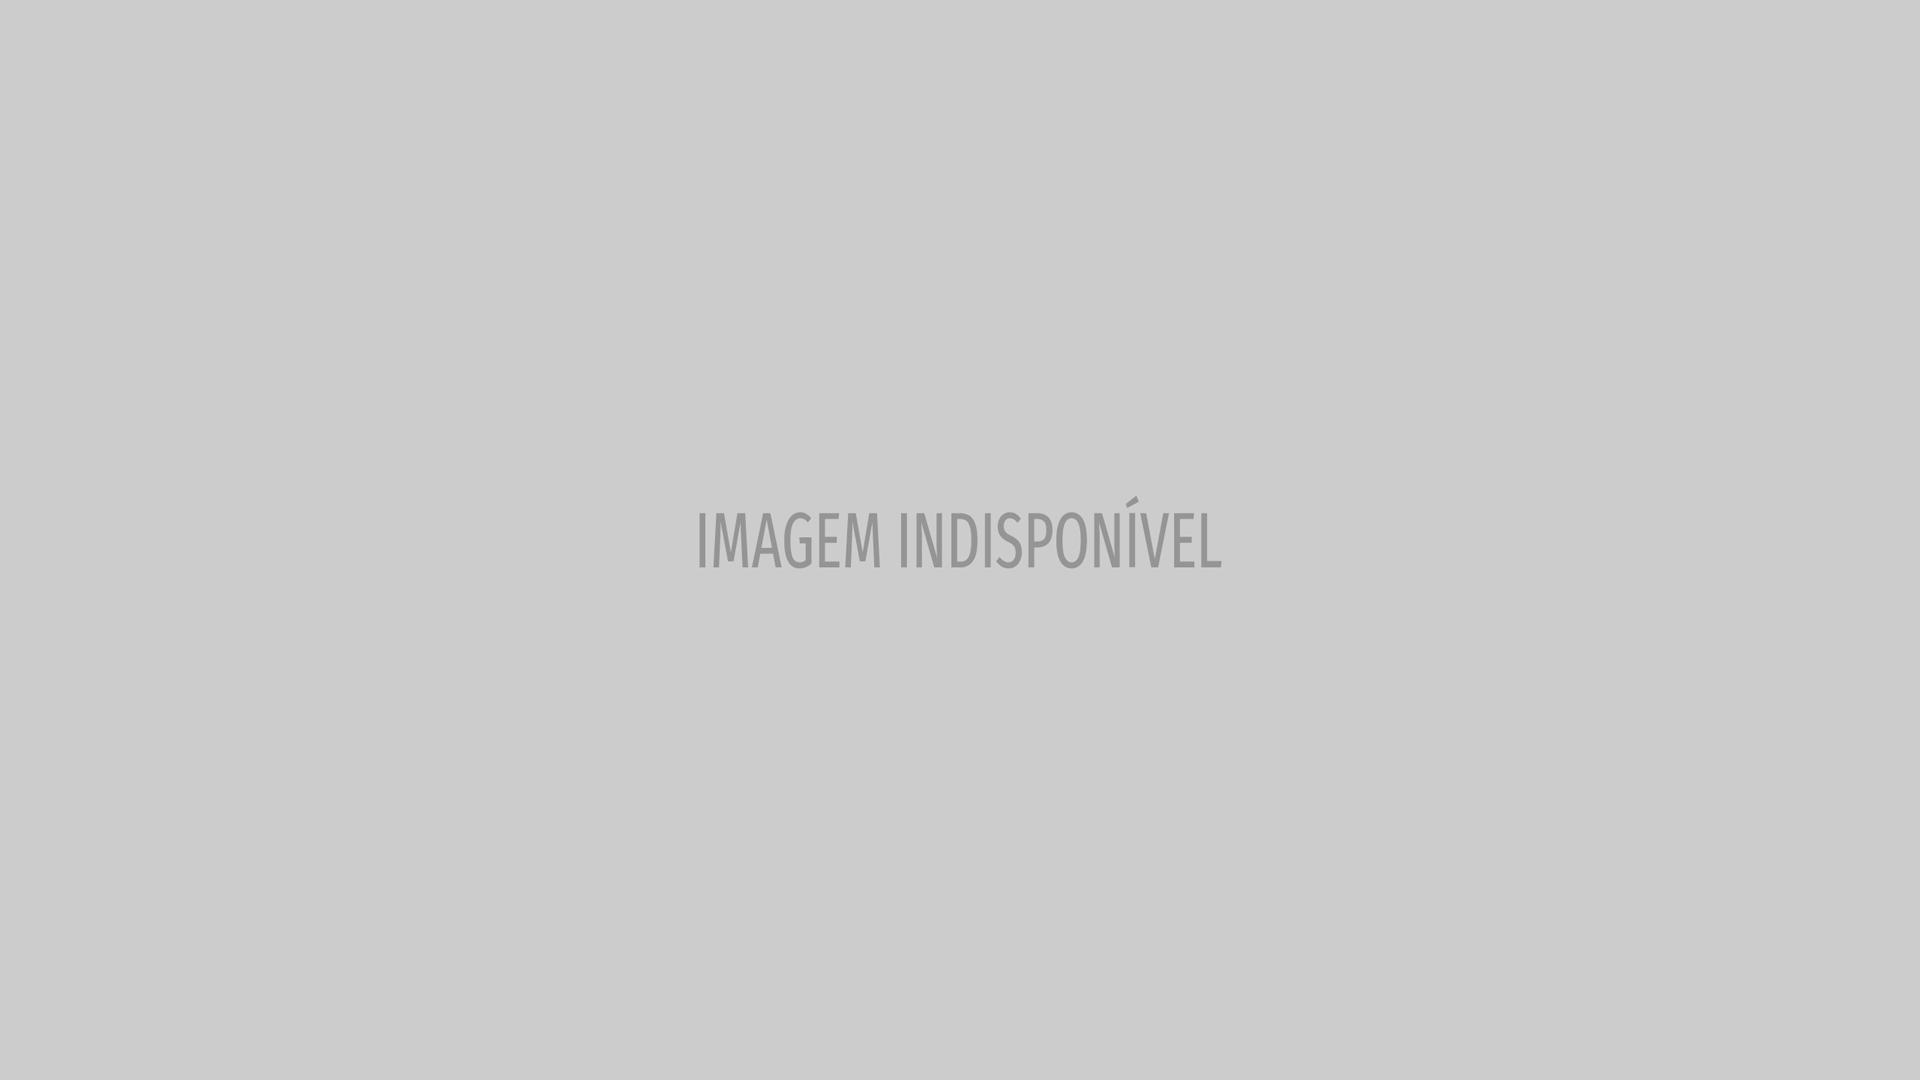 """Elma Aveiro defende Ronaldo: """"Cambada de ladrōes, mafiosos infelizes"""""""